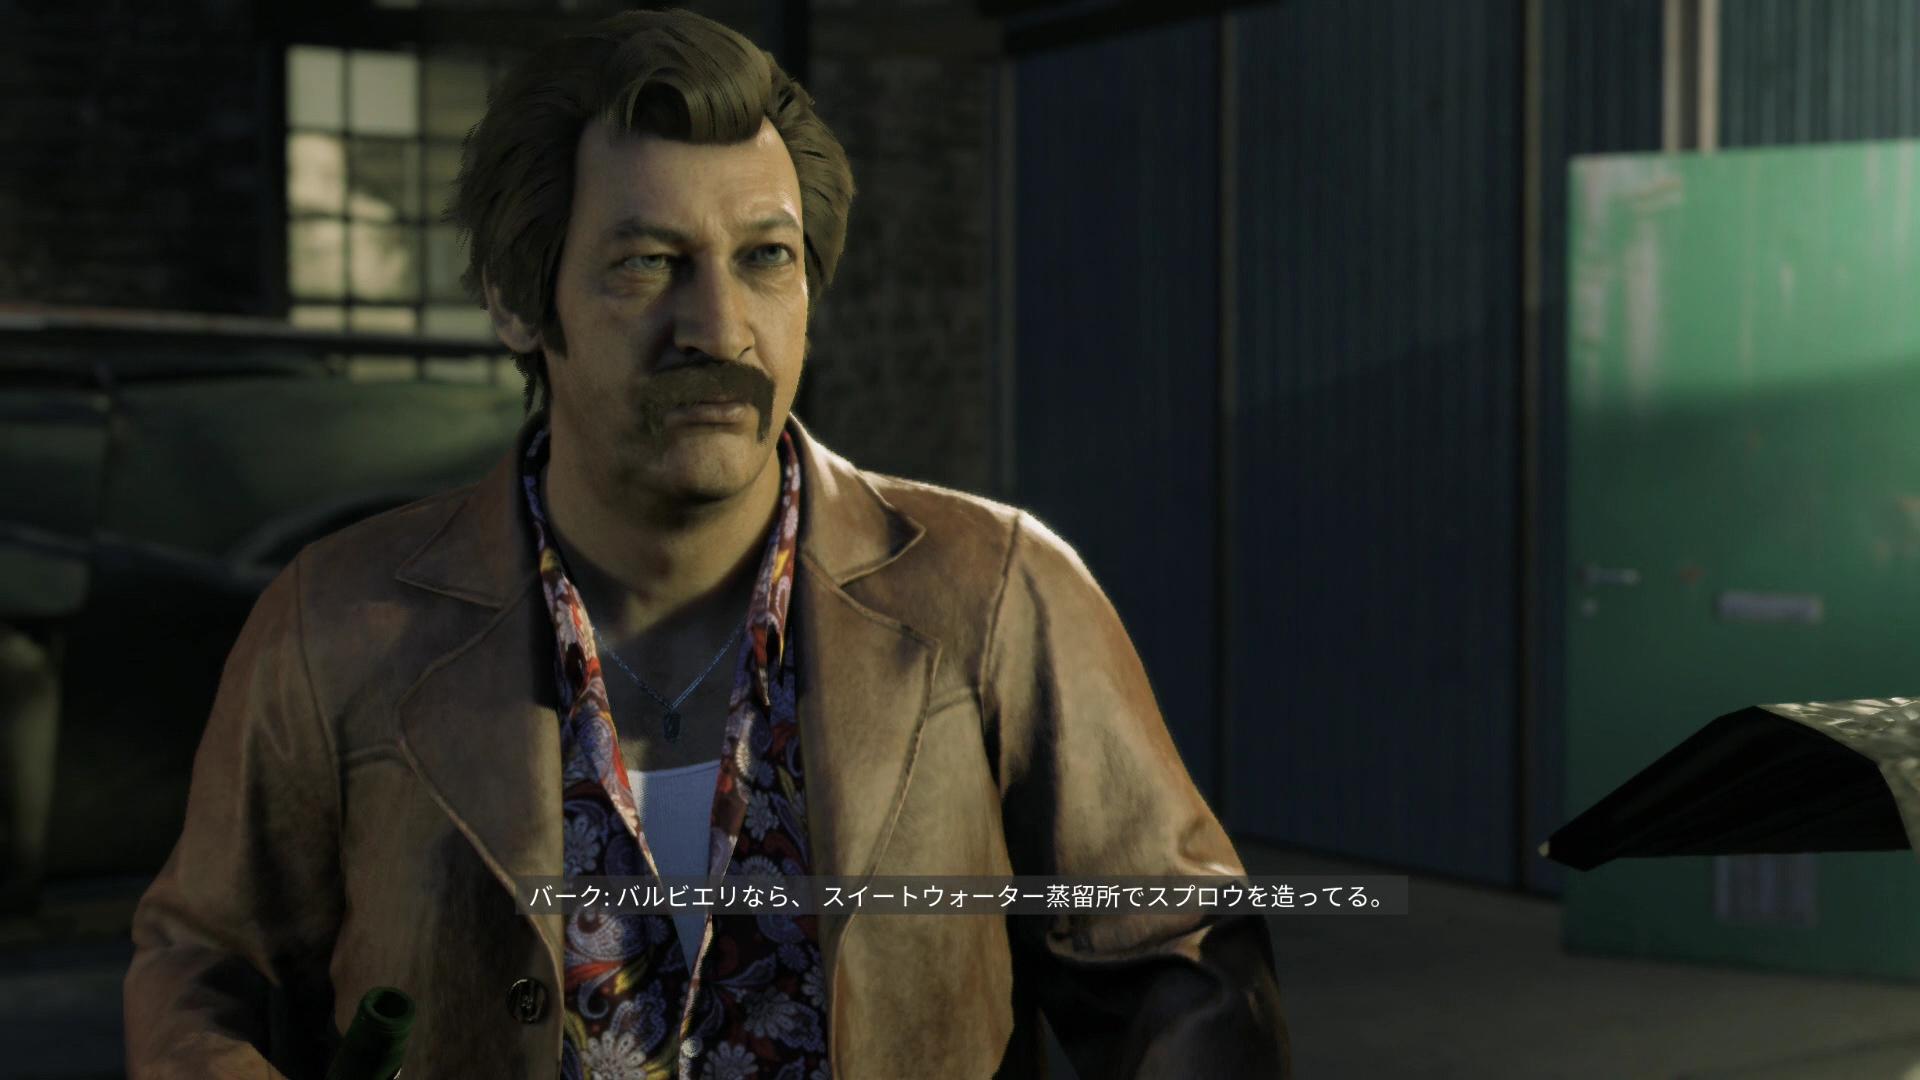 ダニーの父親でもあるバークは、一見だらしない感じだが、アイリッシュマフィアのボスだ